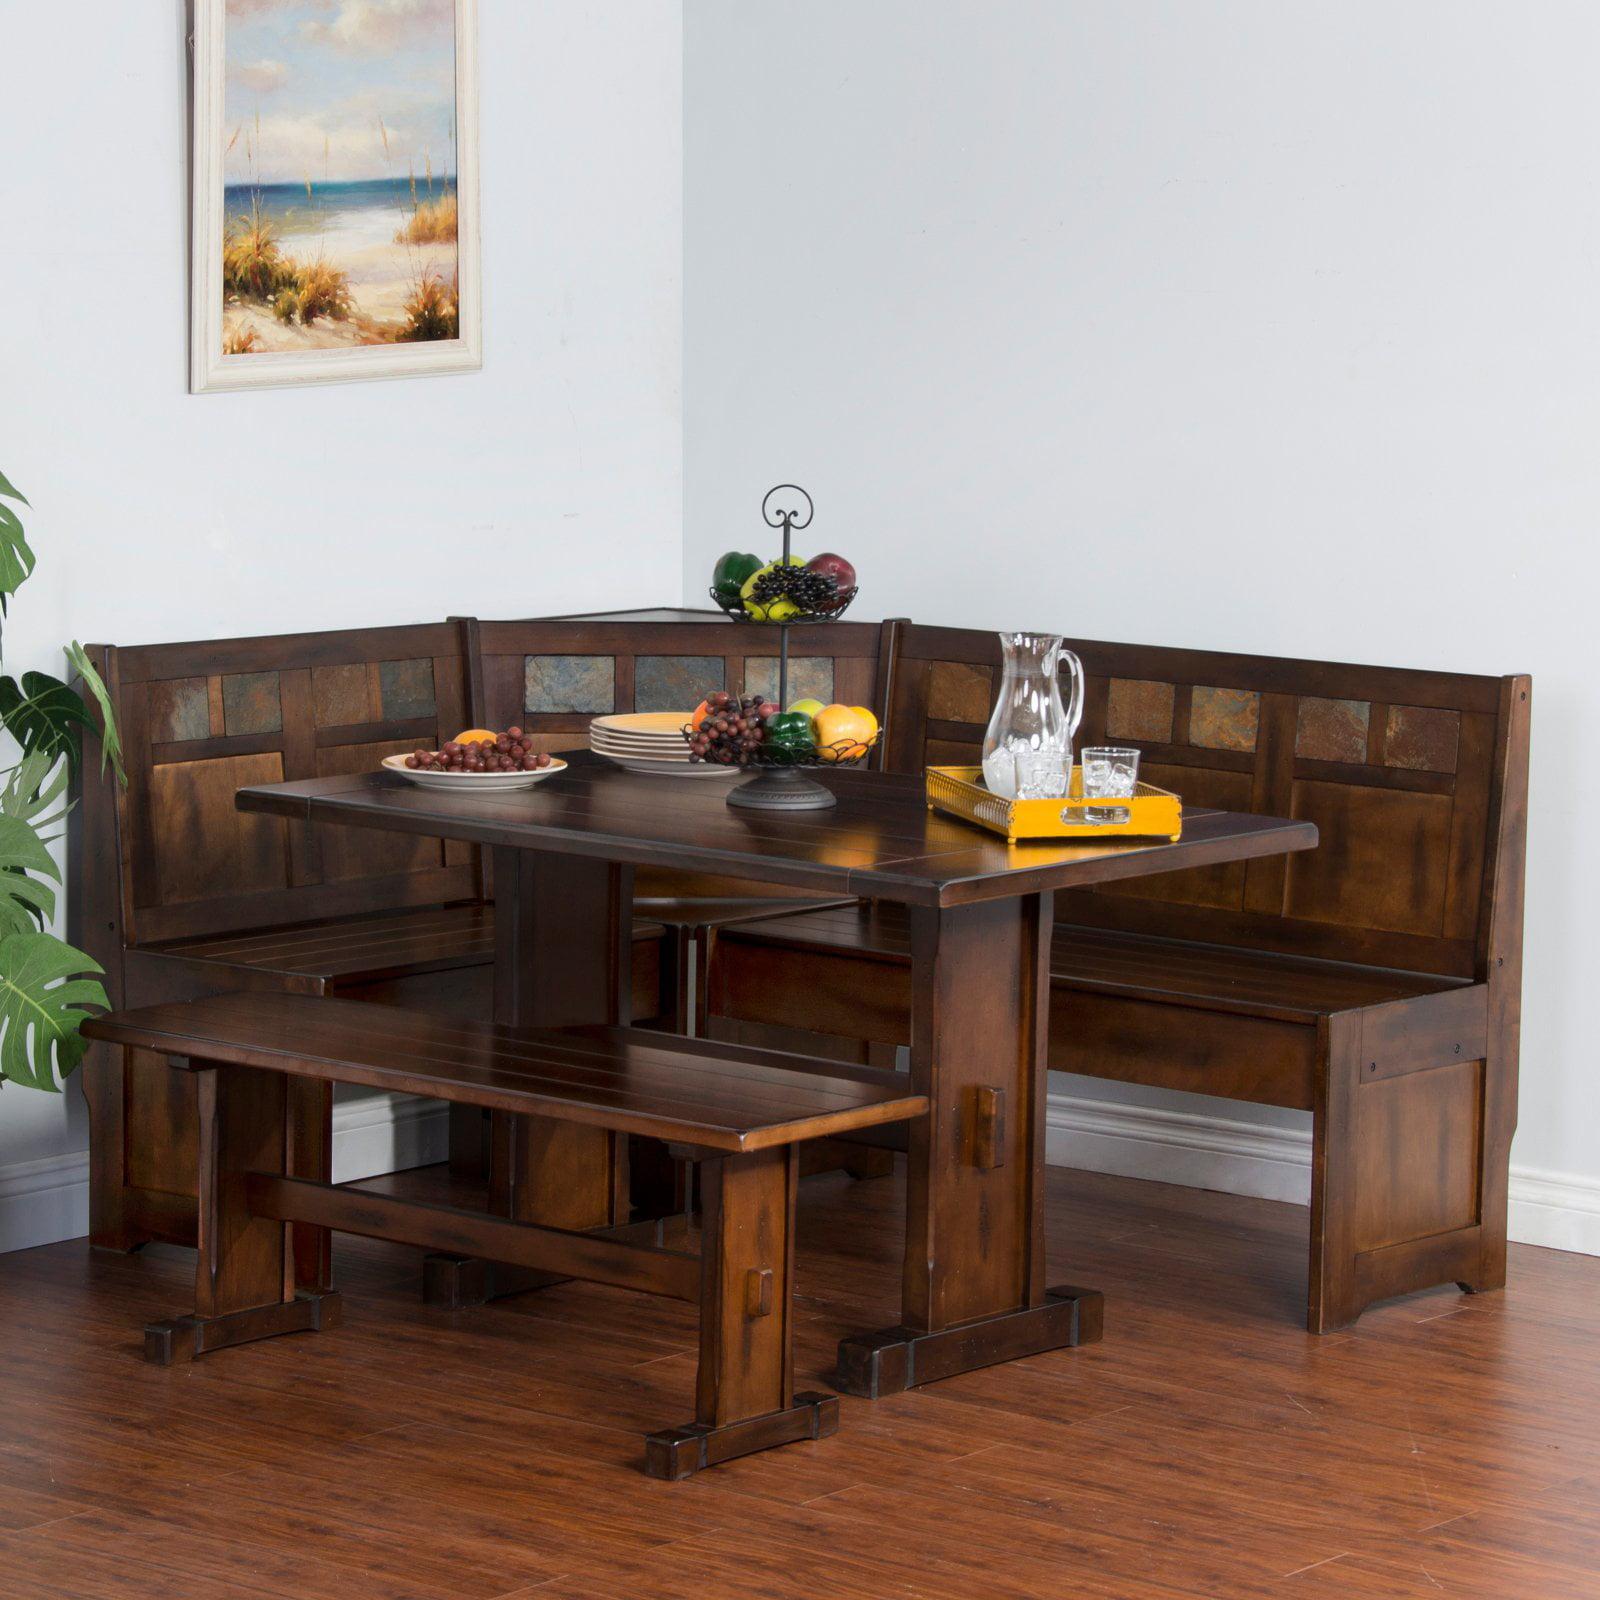 Sunny Designs Santa Fe 4 Piece Breakfast Nook Set